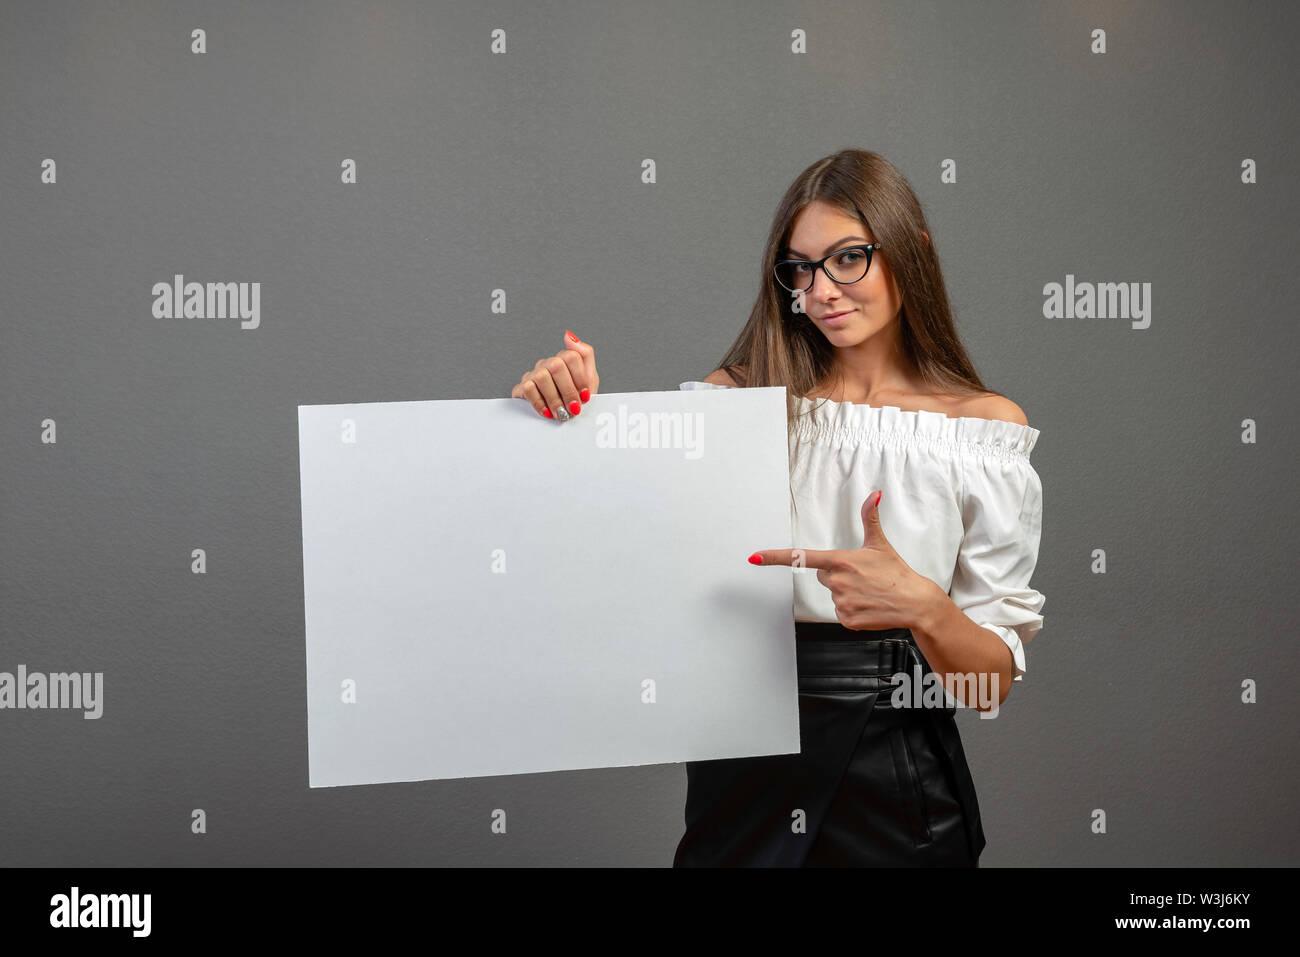 Junge lächelnde Frau an einem leeren weißen Blatt für Werbung auf einem grauen Hintergrund zeigen Stockbild